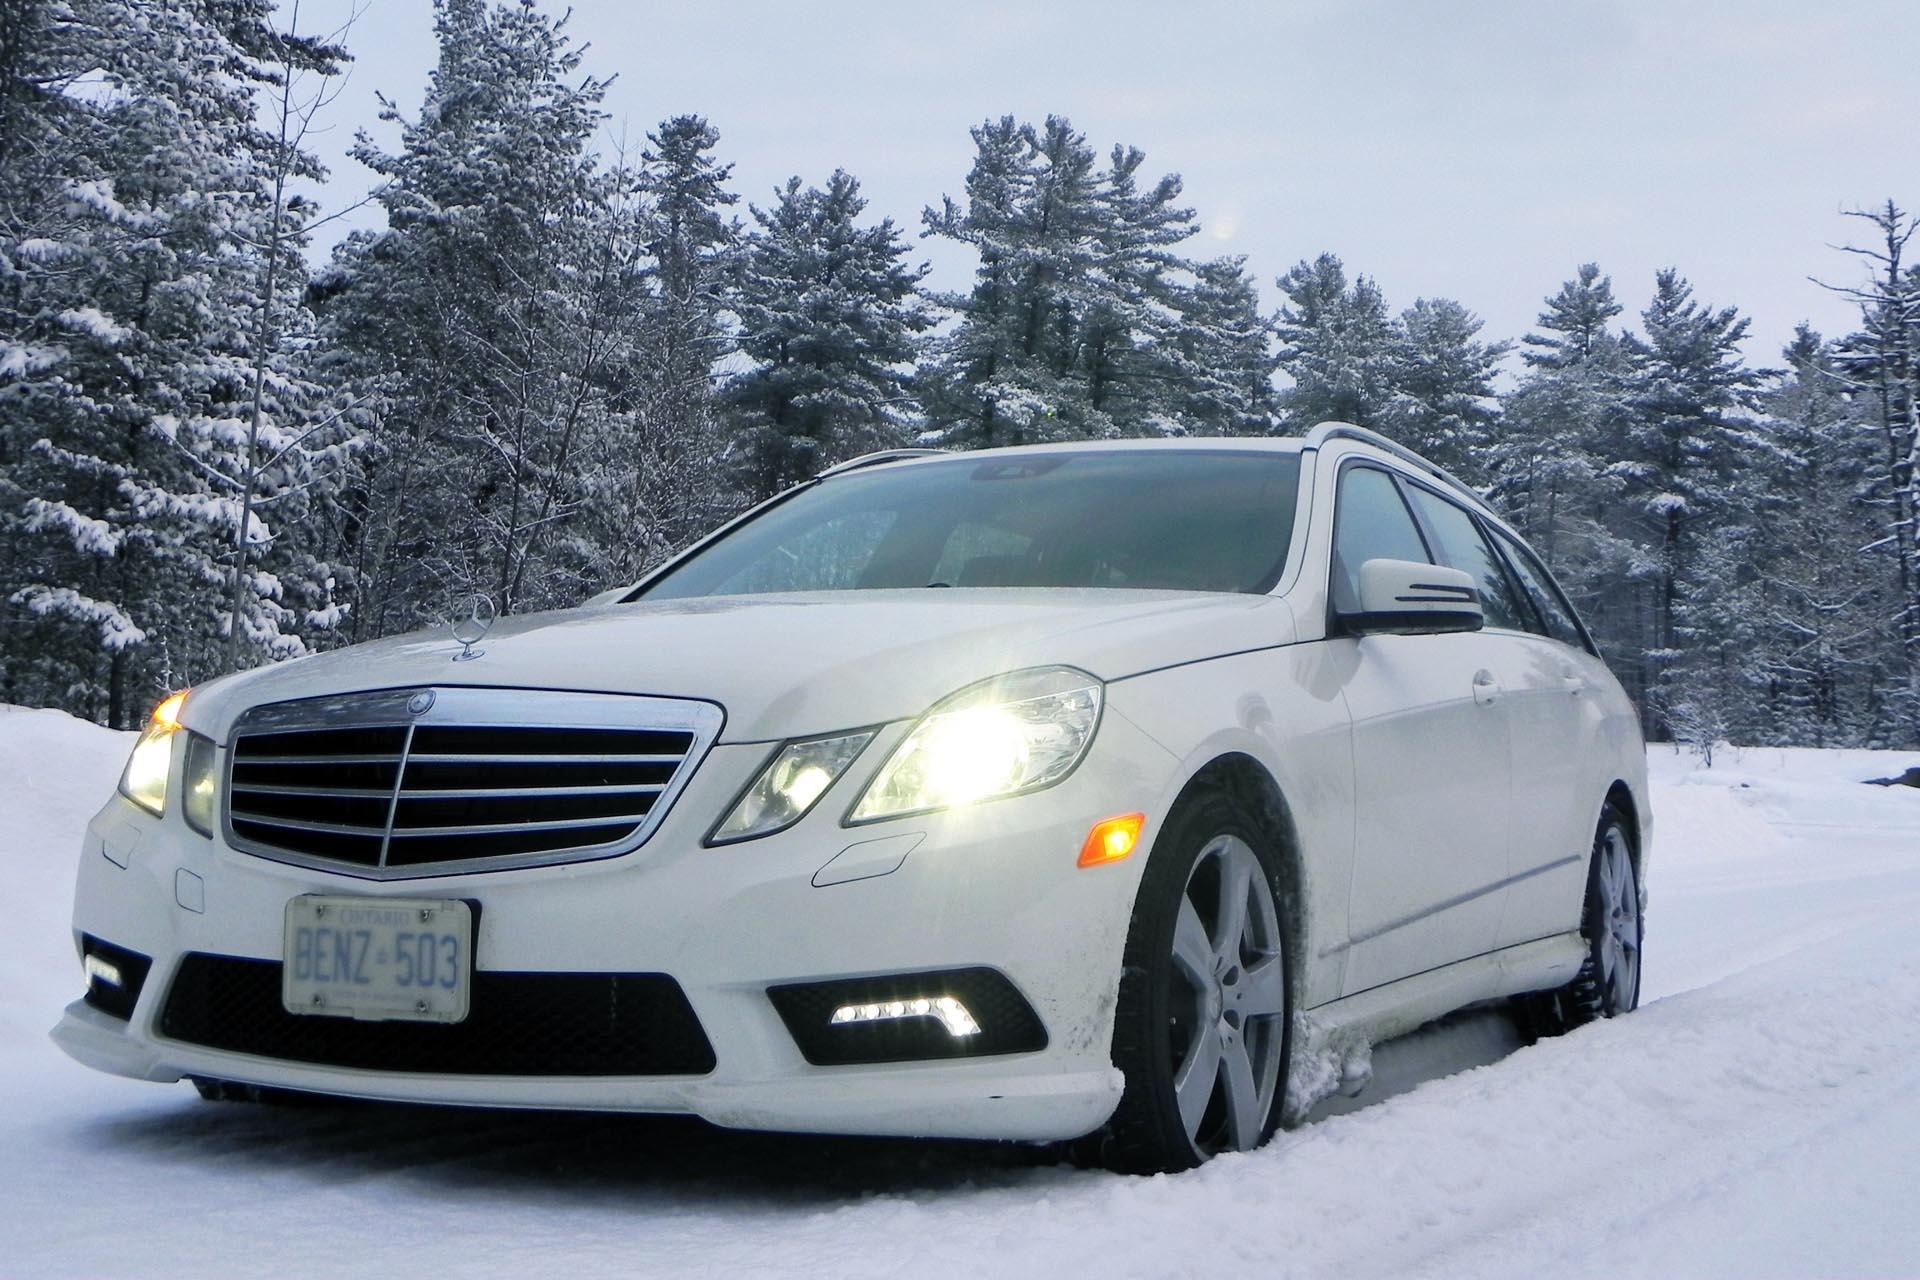 02-JP-Mercedes-Benz-Xenon-Fired